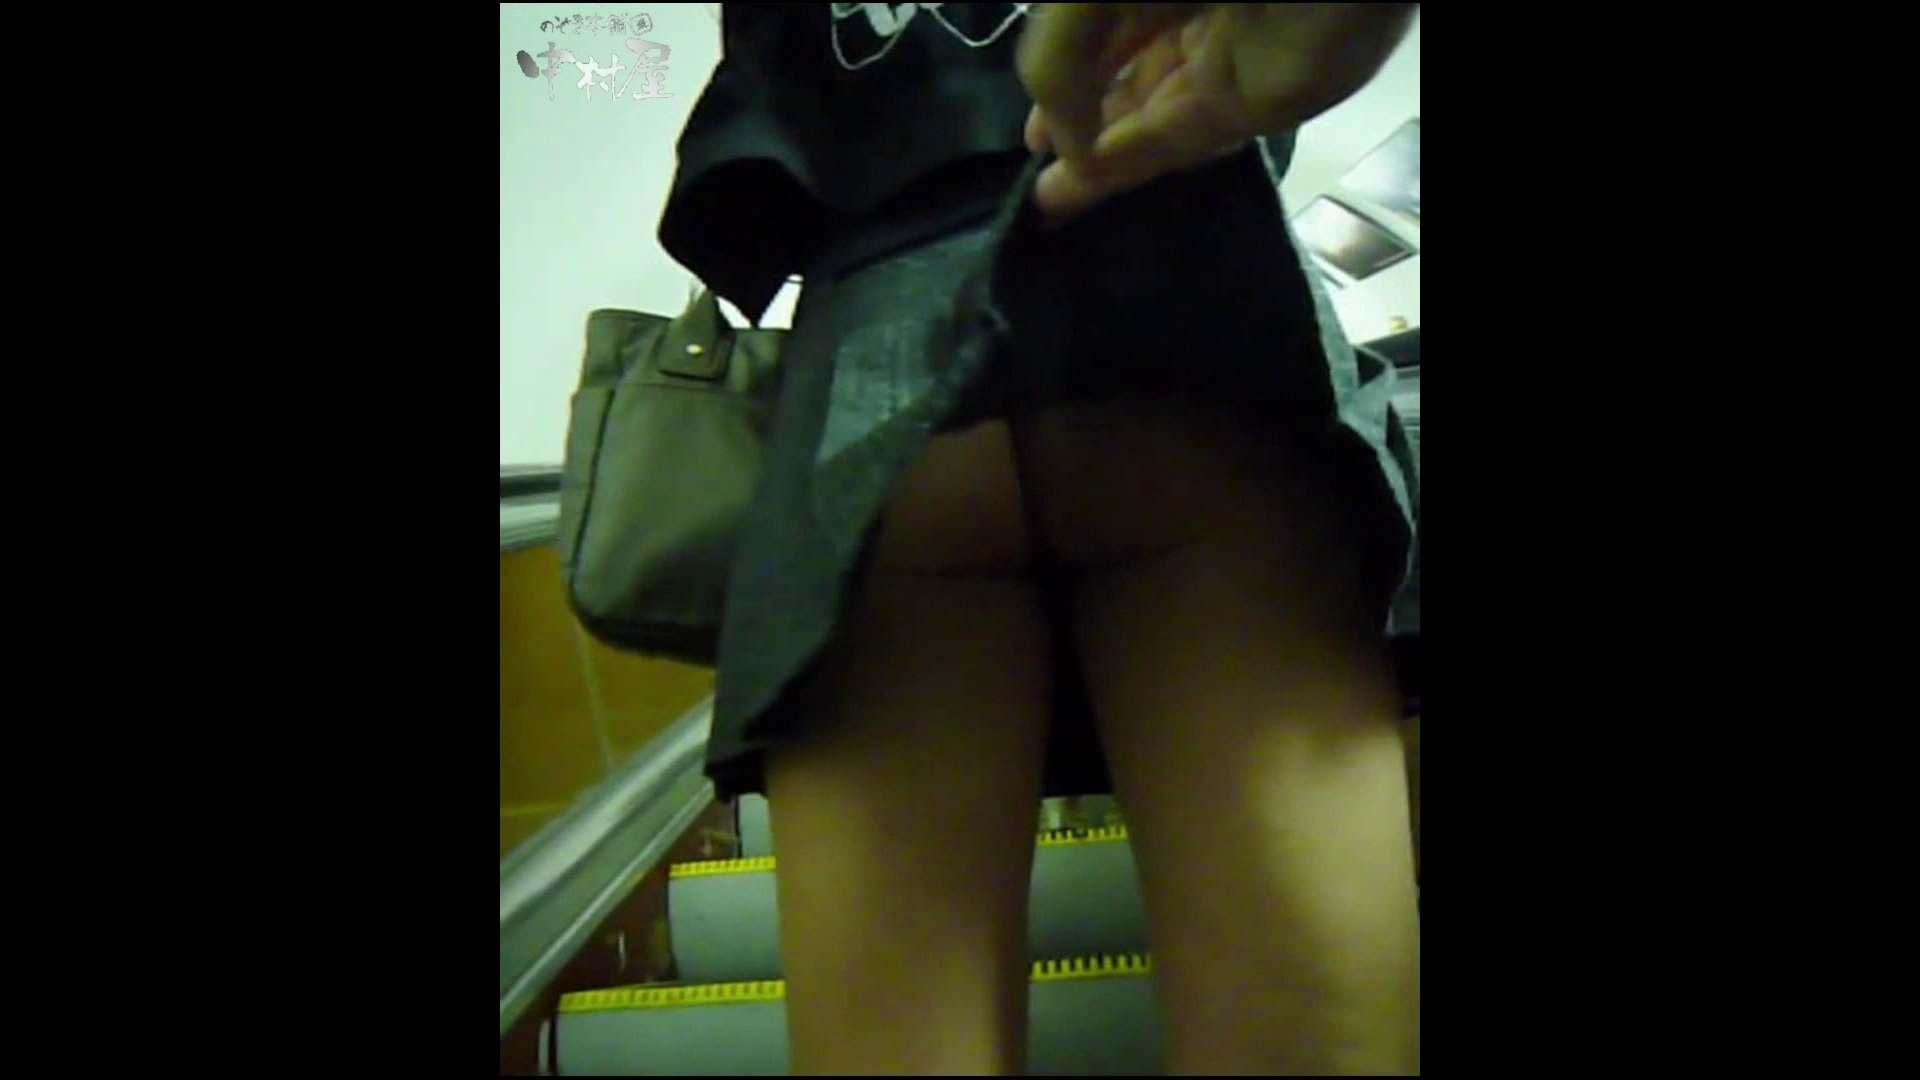 綺麗なモデルさんのスカート捲っちゃおう‼ vol26 モデル われめAV動画紹介 80pic 80